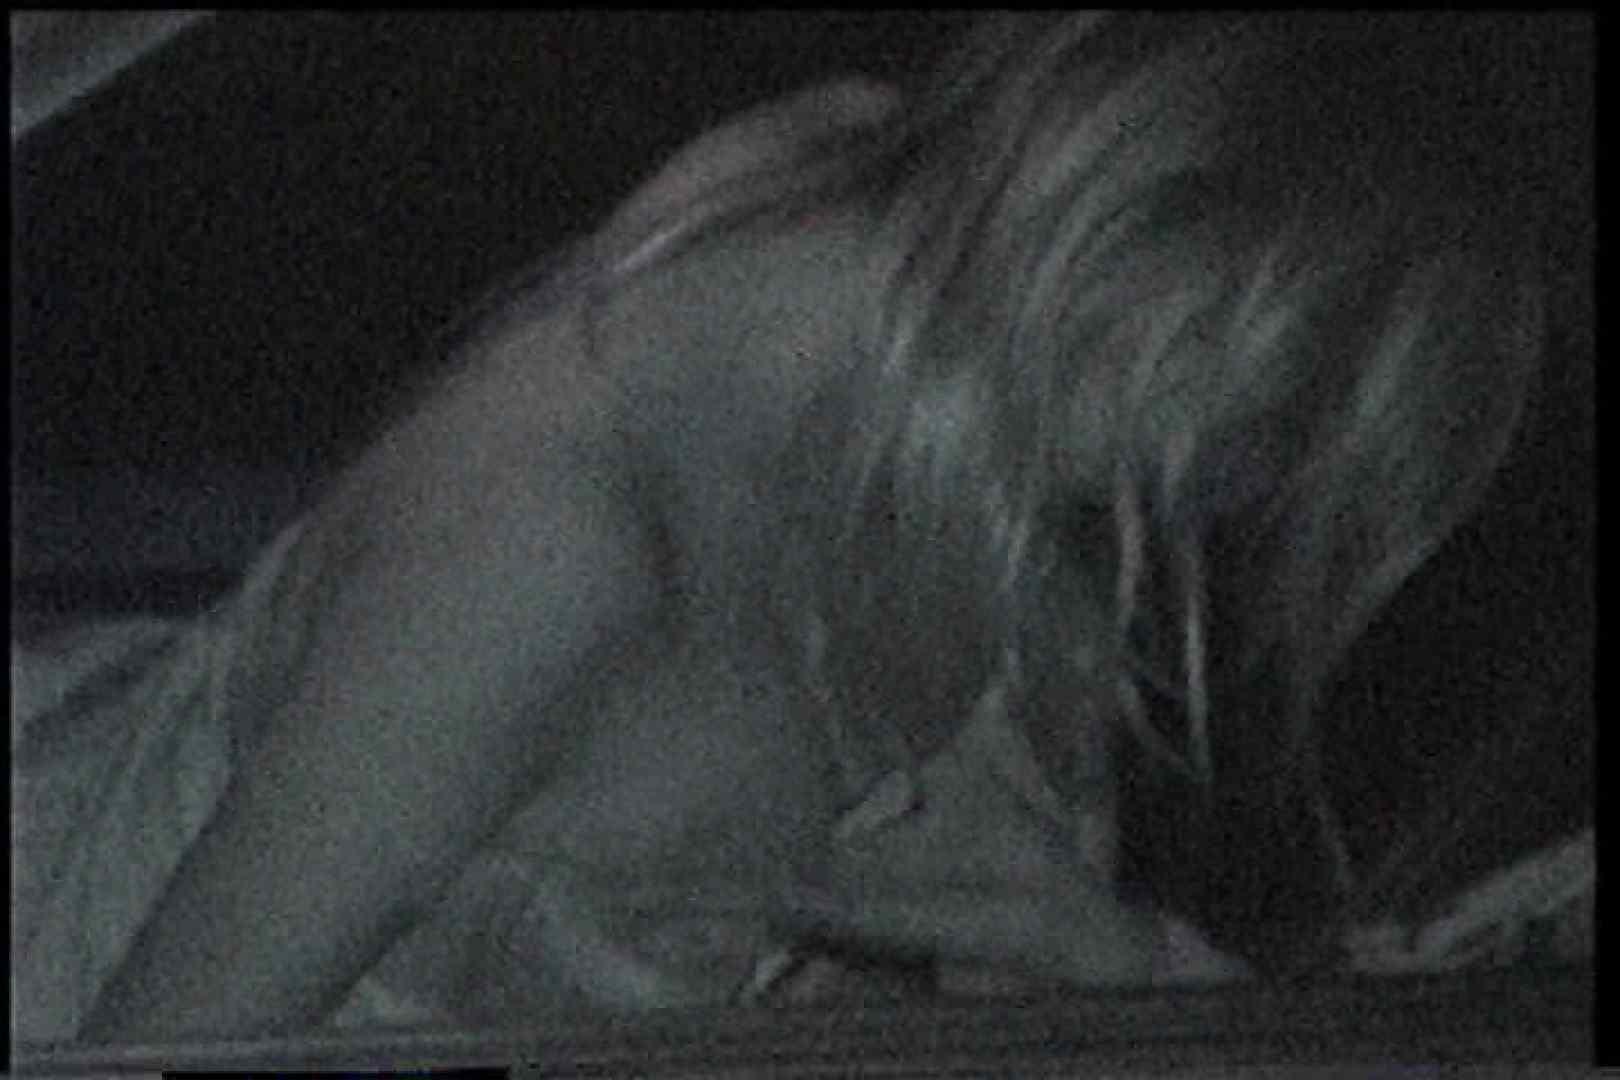 充血監督の深夜の運動会Vol.226 フェラチオシーン セックス無修正動画無料 90pic 33